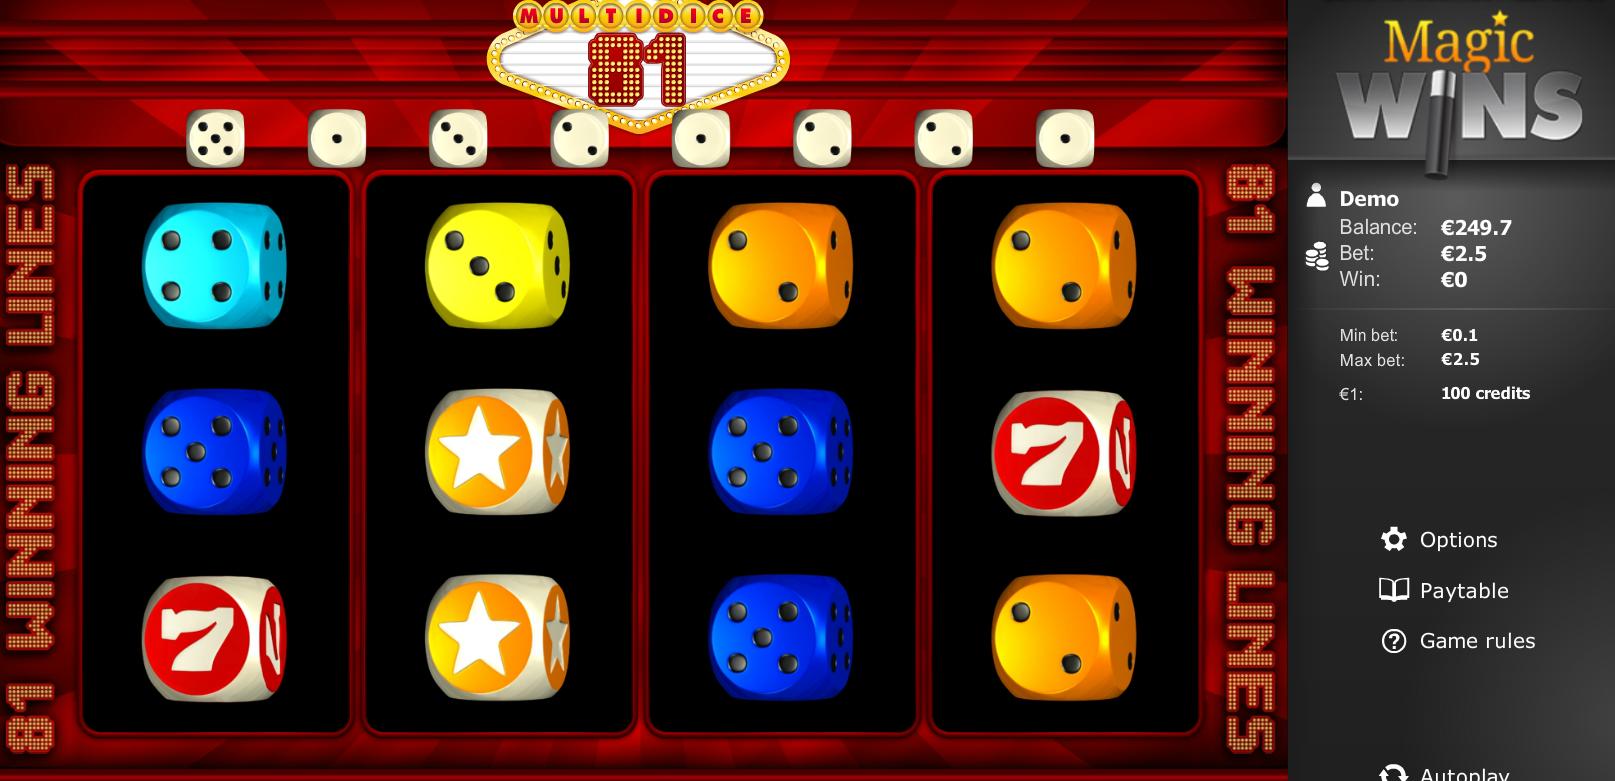 Multi Dice 81 bonus magic wins